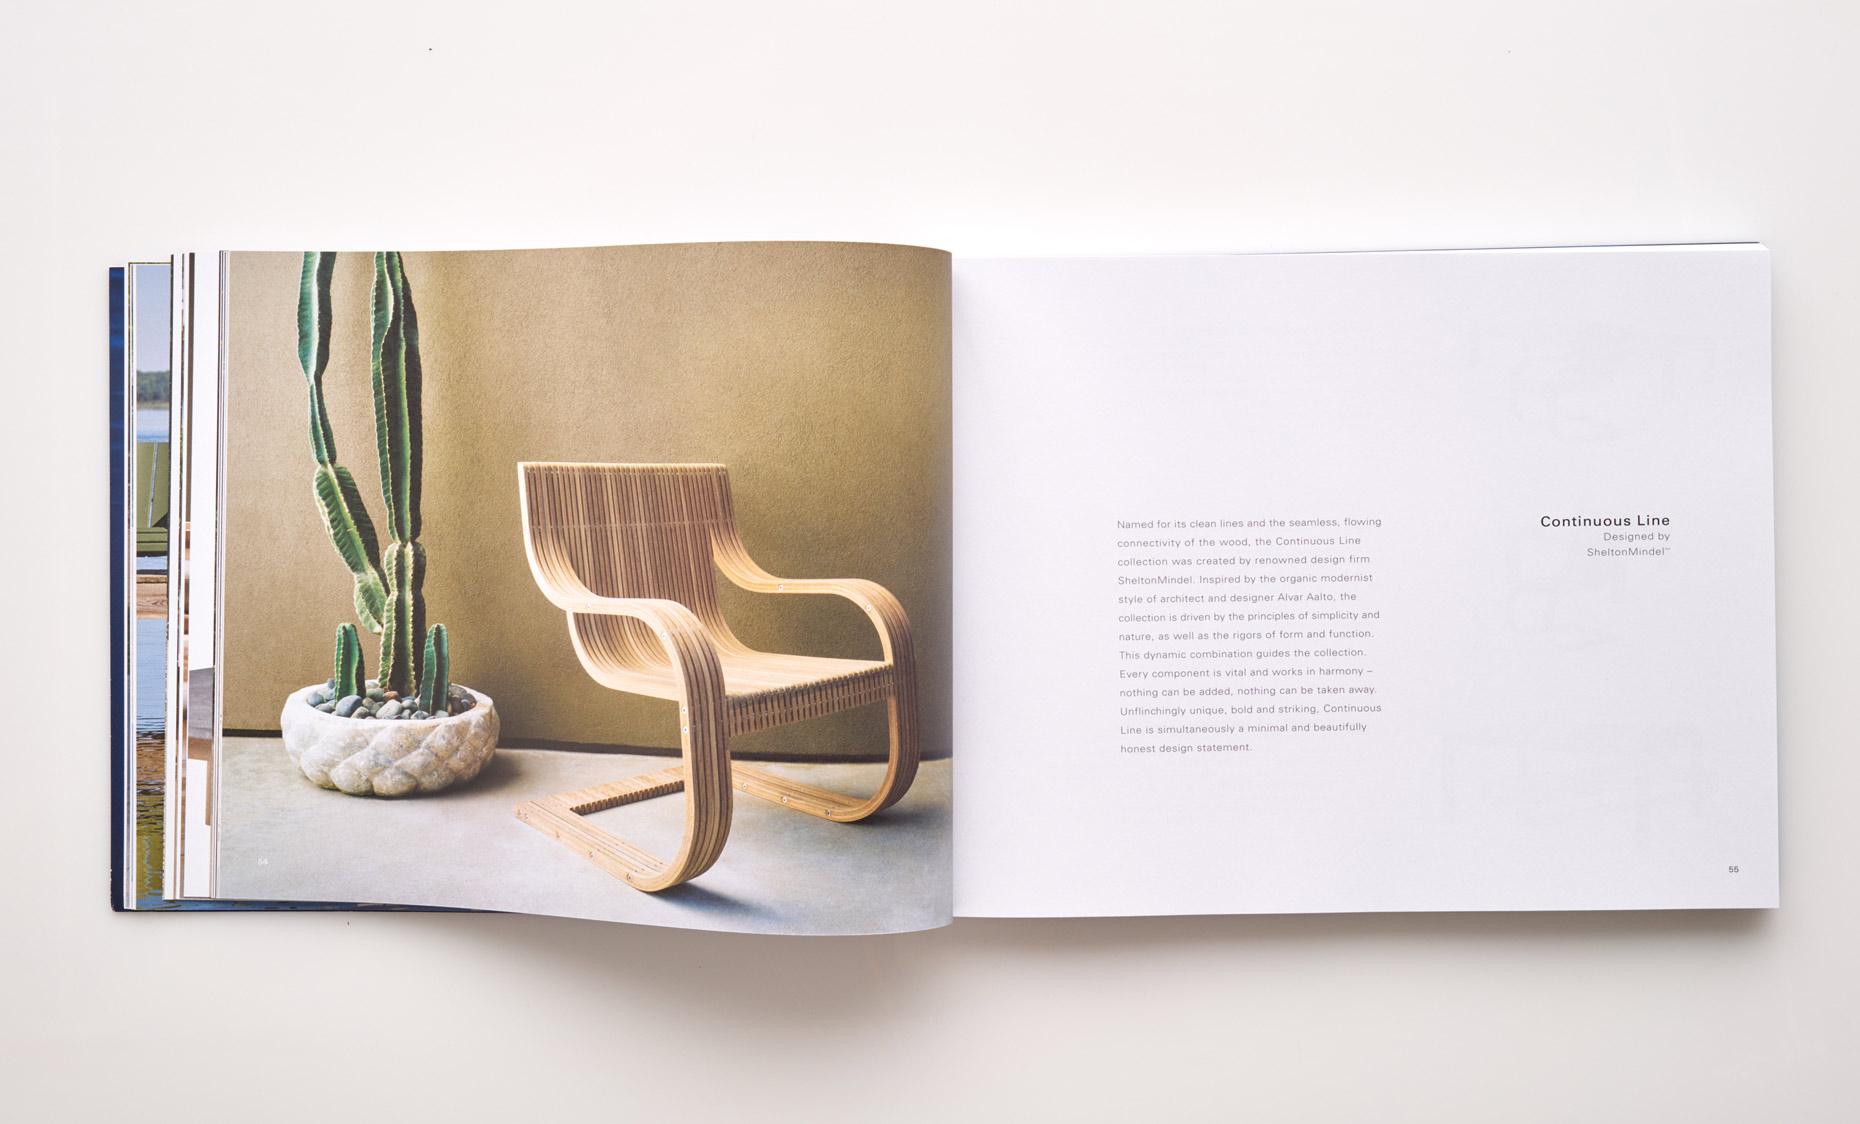 Stephen Karlisch Sutherland Furniture Continuous Line Chair